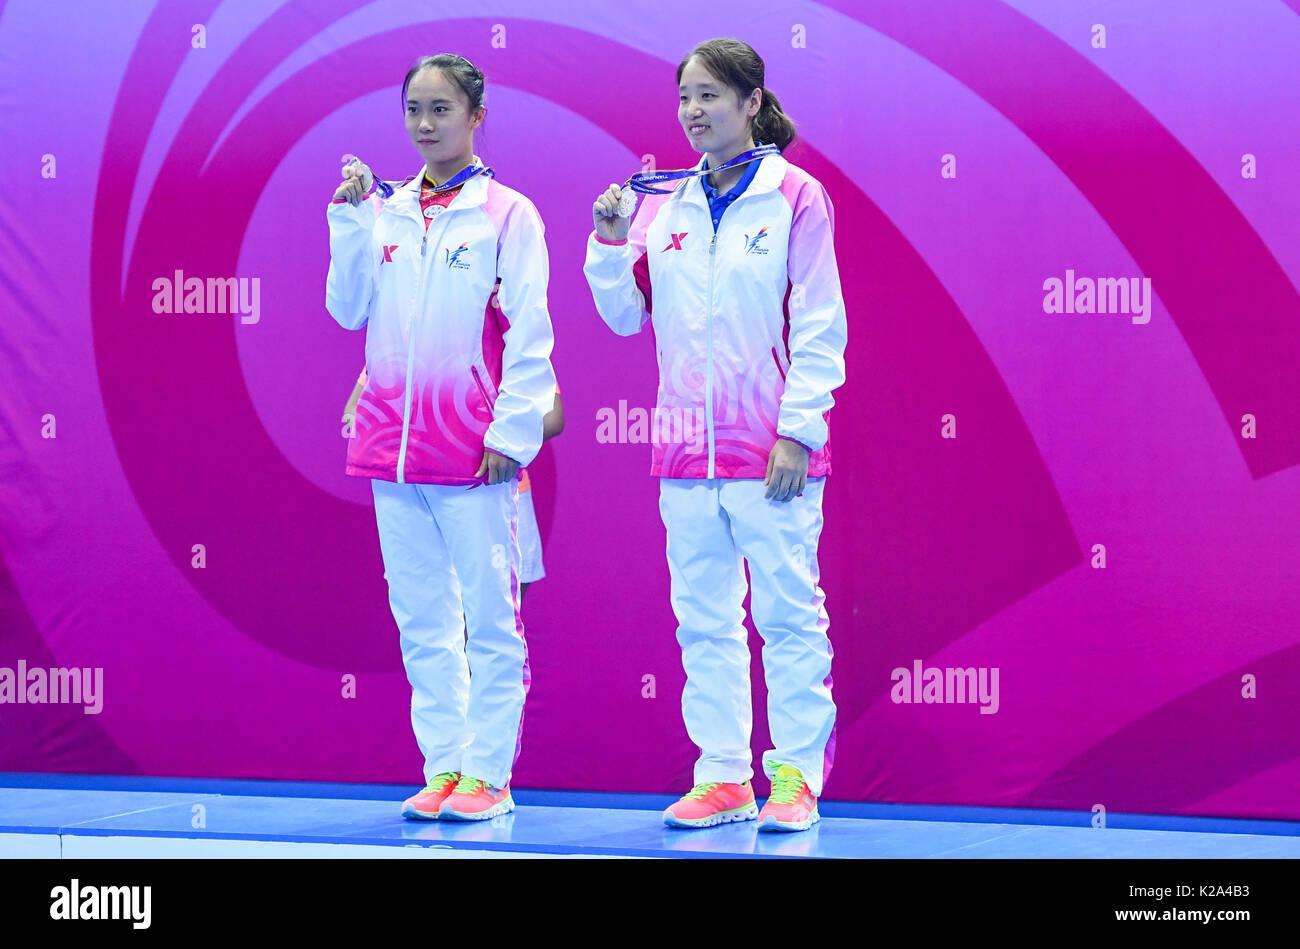 Zhu Xueying (L) of Tianjin poses with